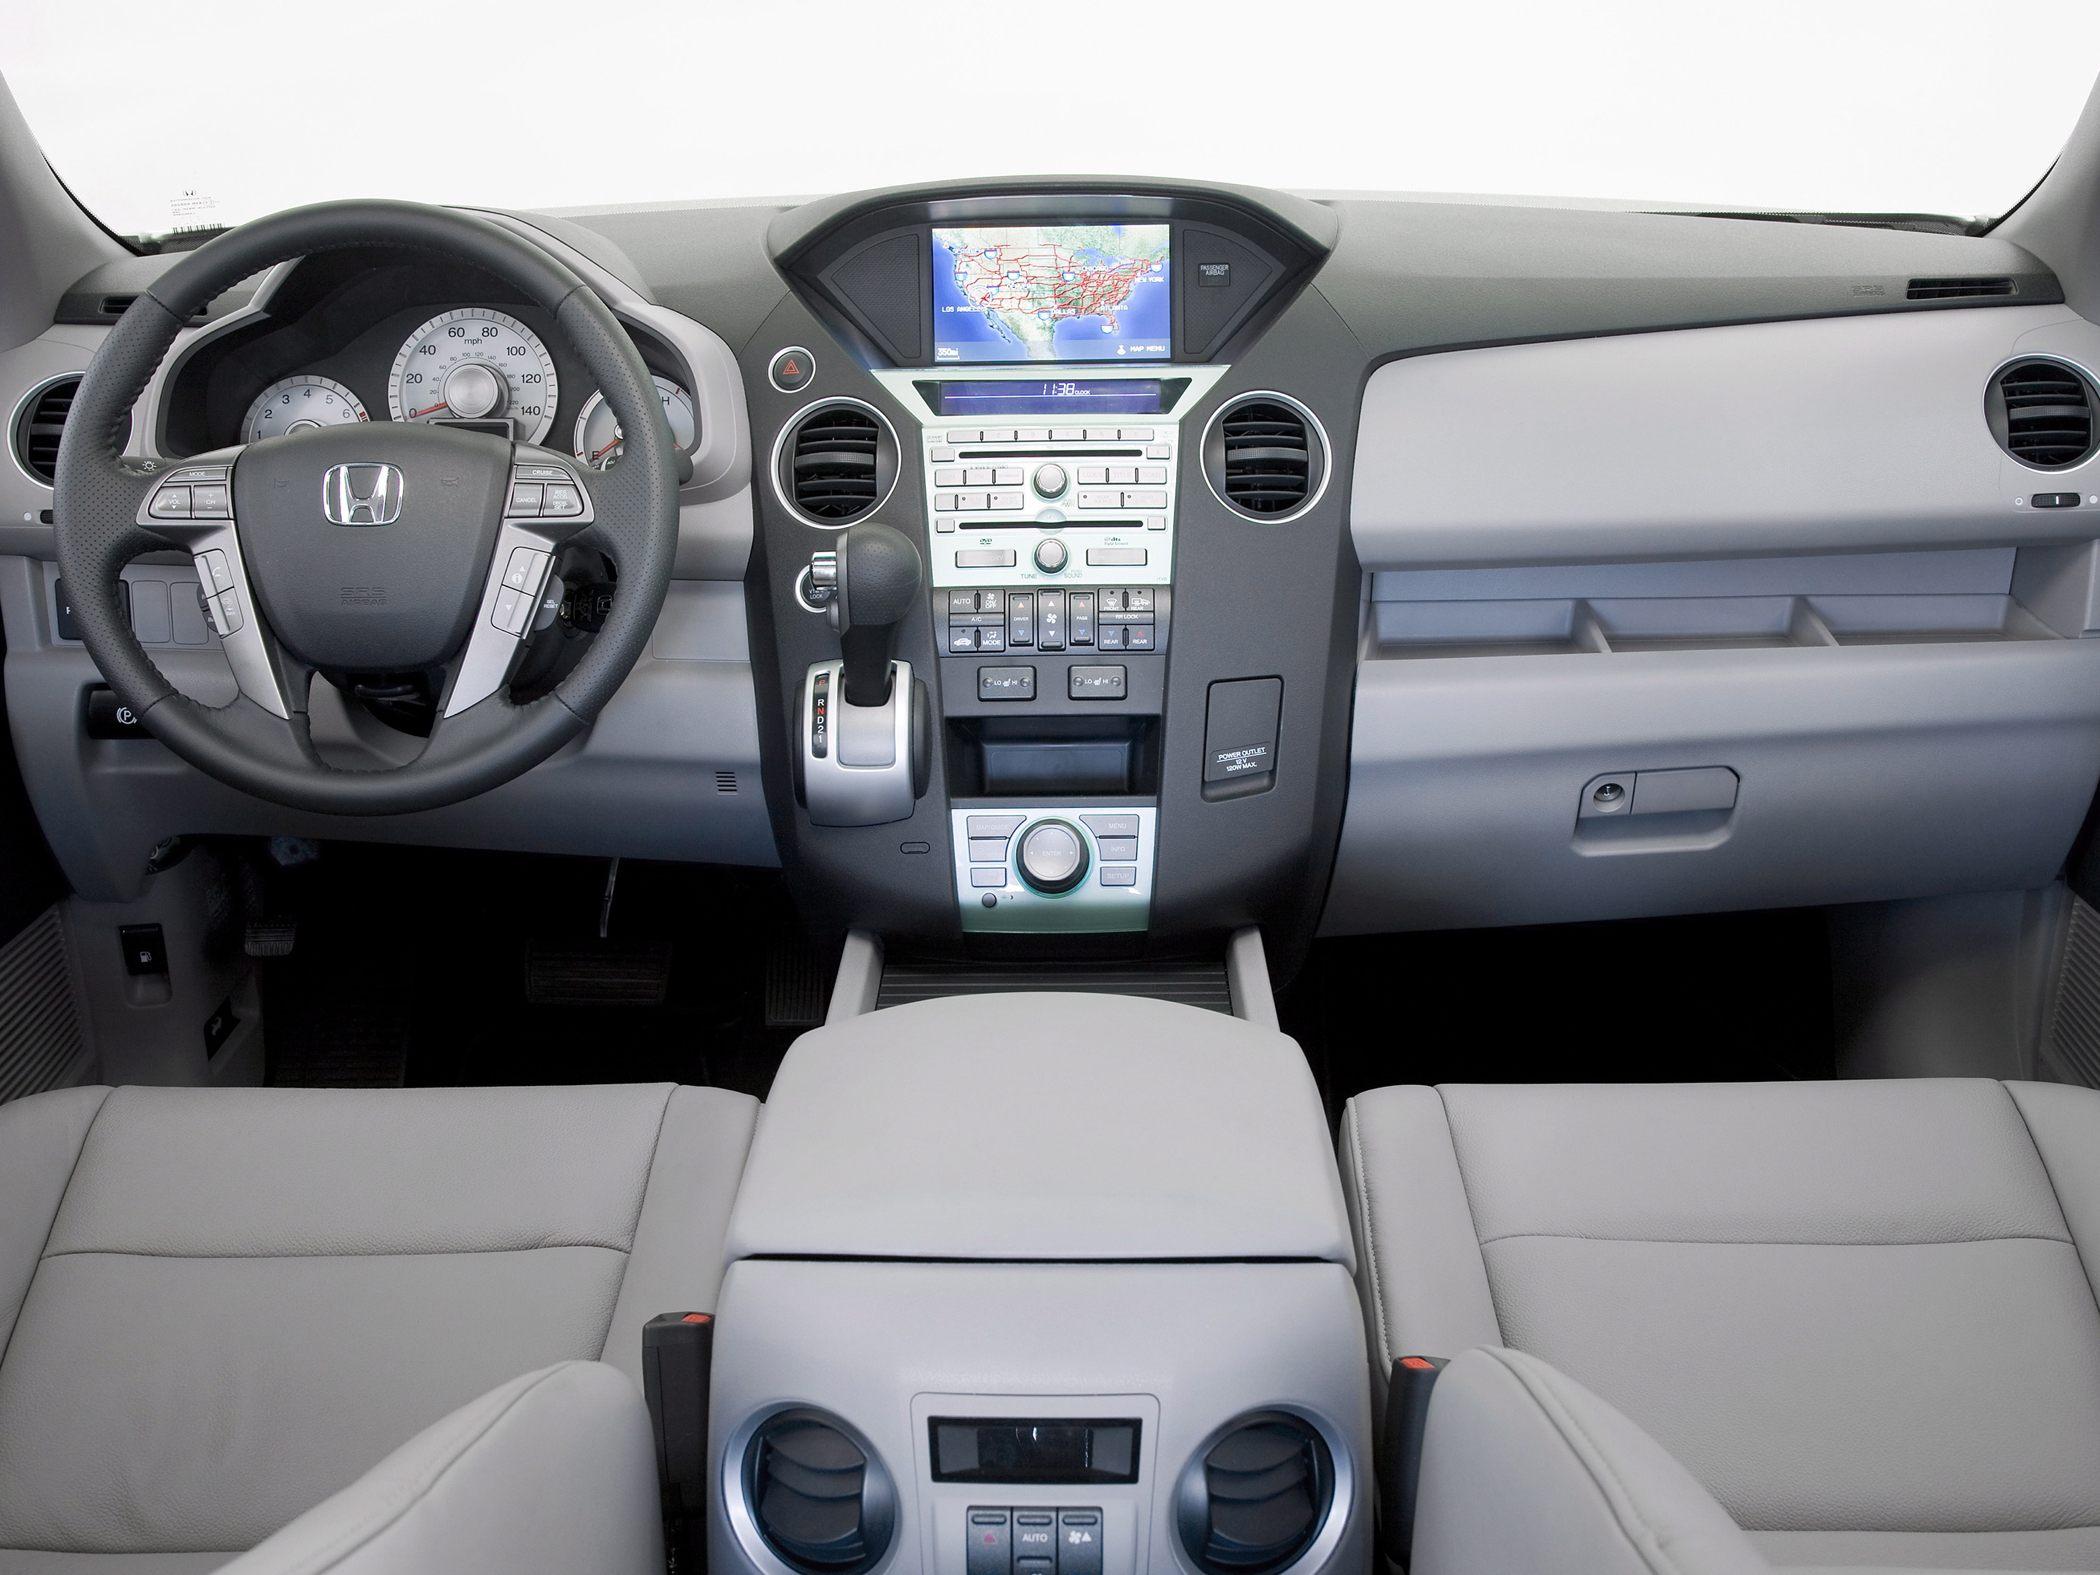 Good 2011 Honda Pilot #15 Honda Pilot #15